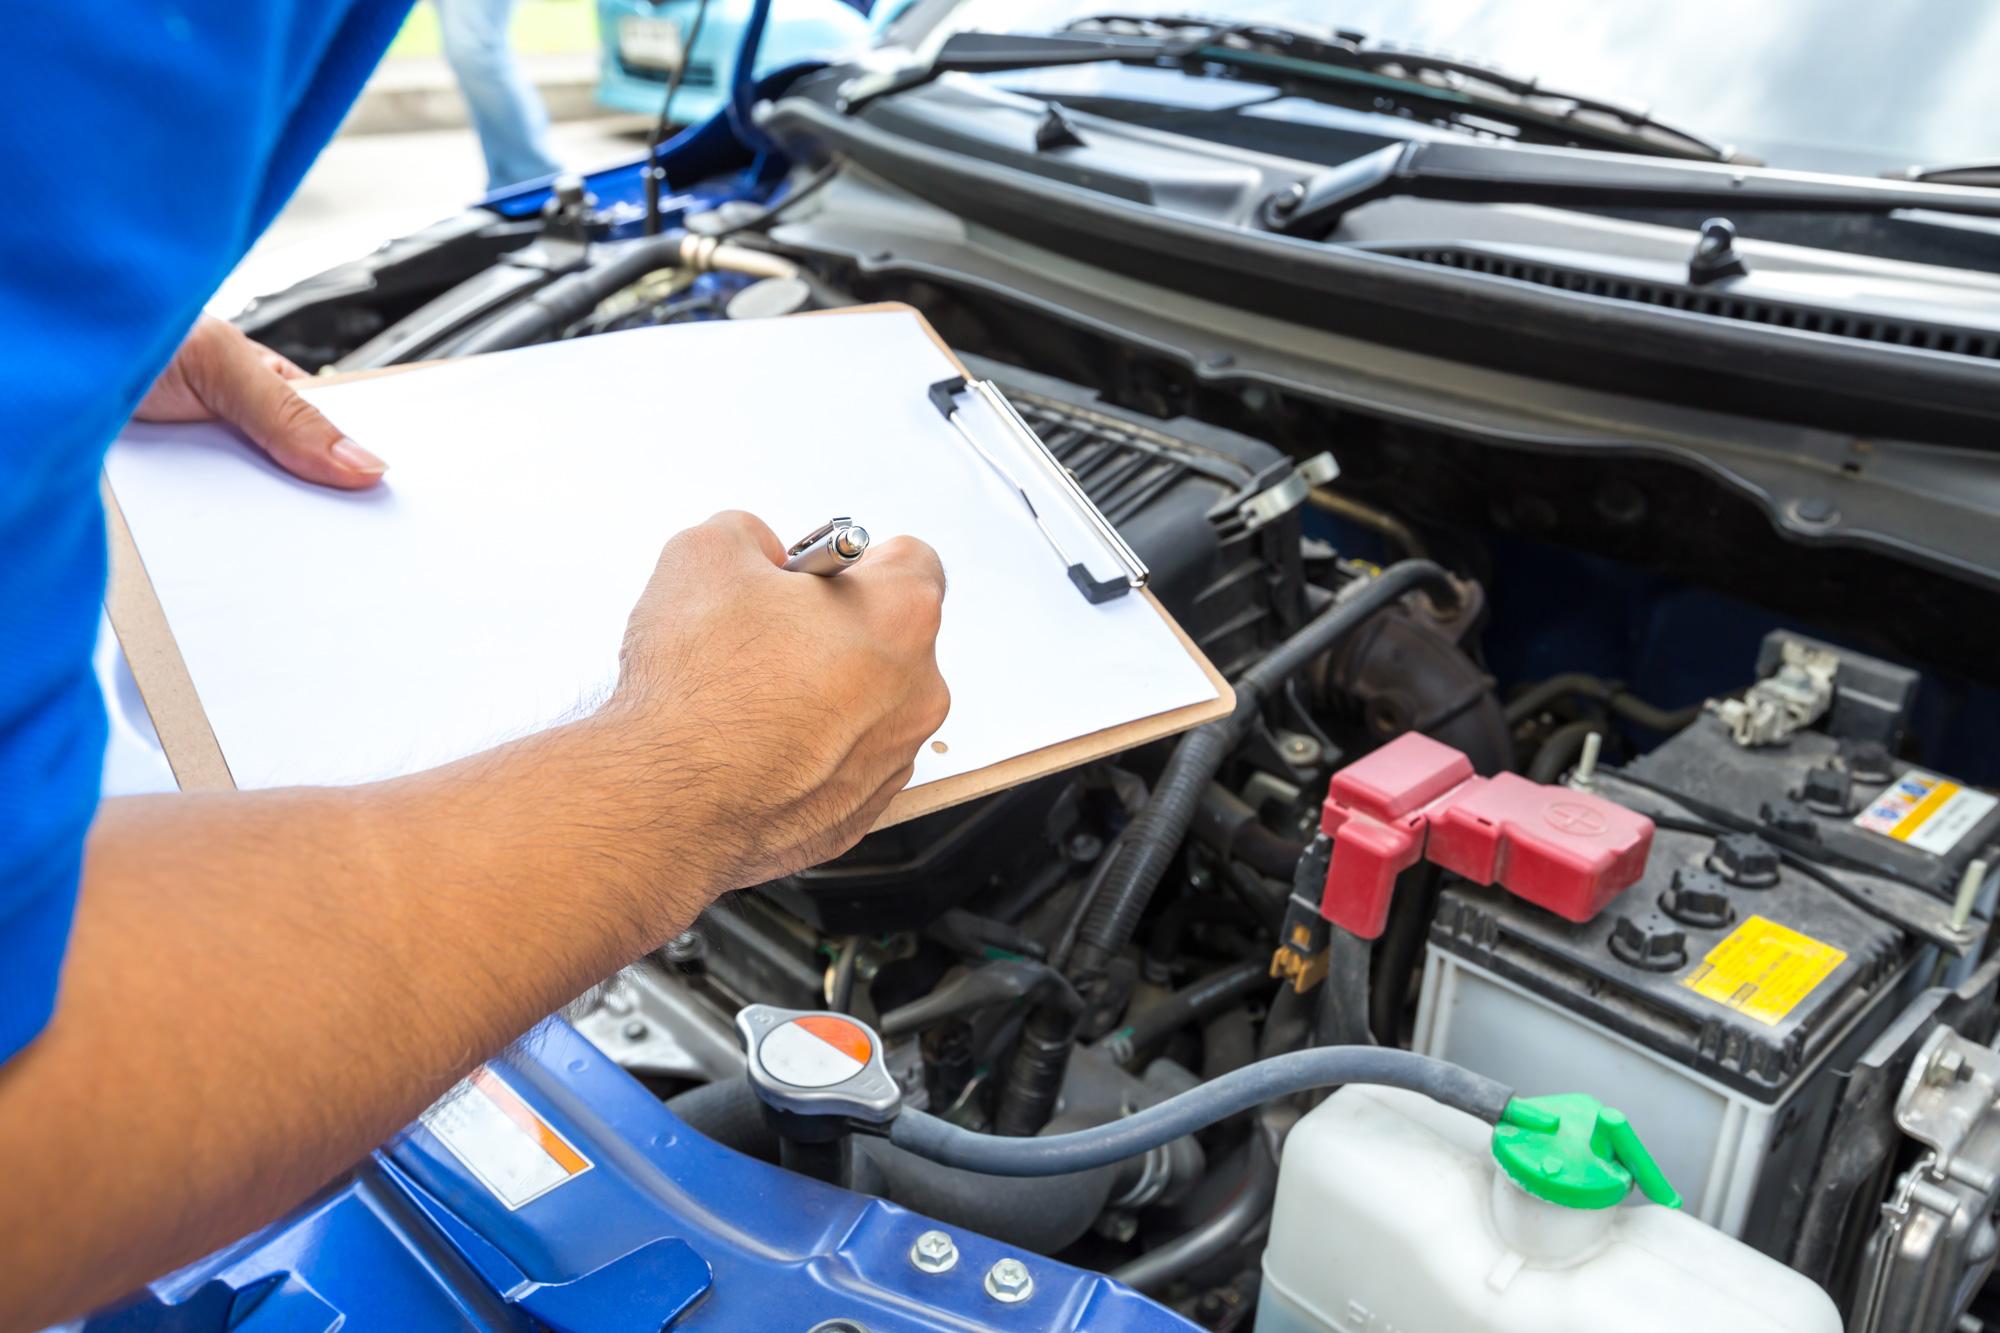 Revisione auto & accessori